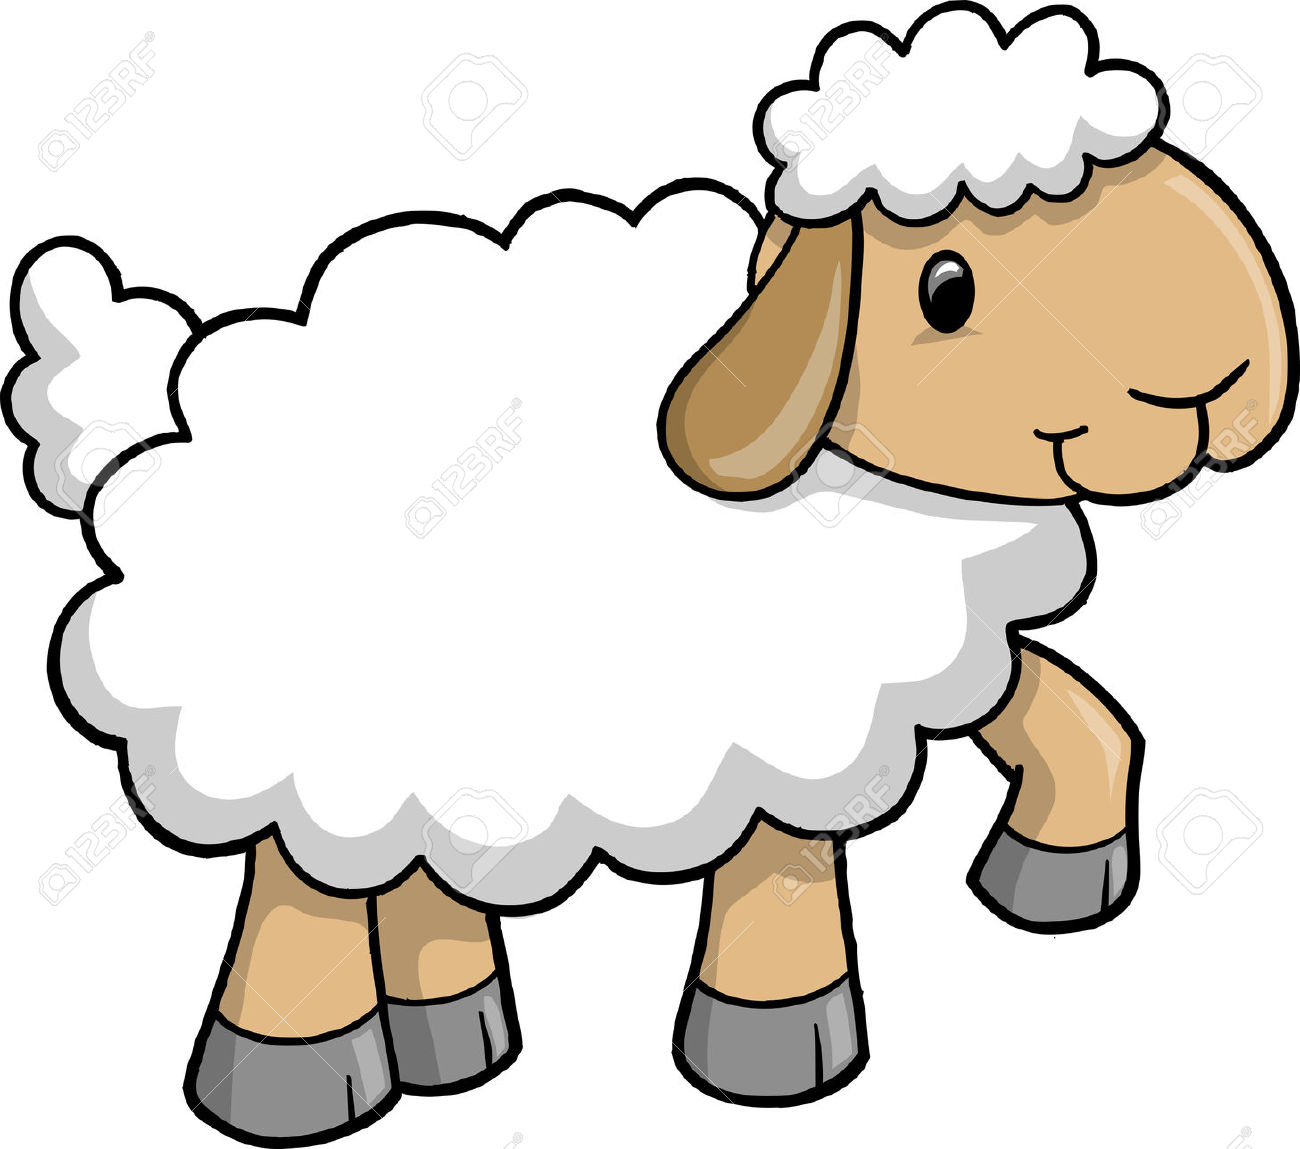 Sheep Clipart Cartoon